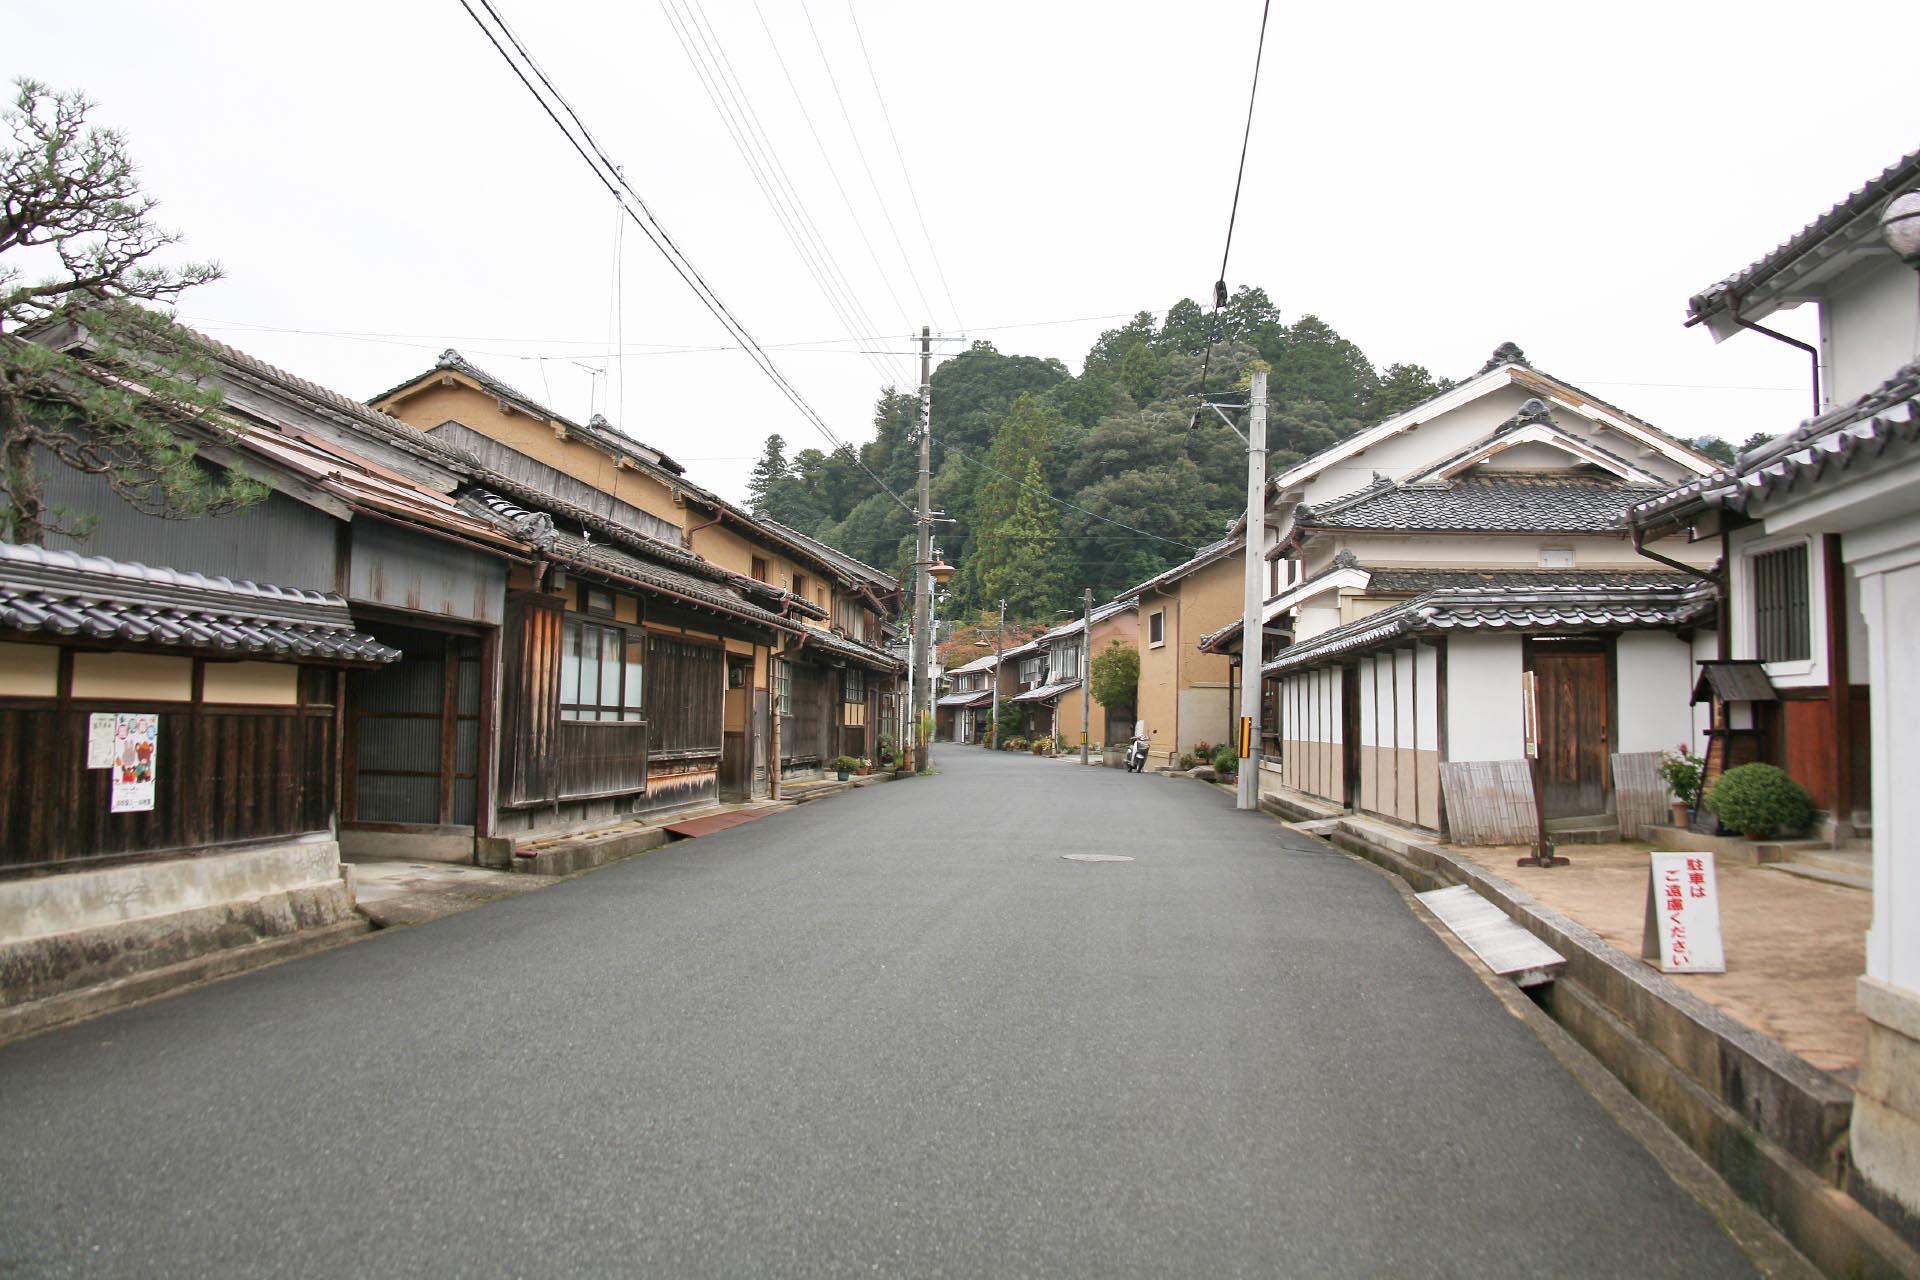 日本の伝統的な町並み「ちりめん街道 加悦重要伝統的建造物群保存地区」 京都の風景